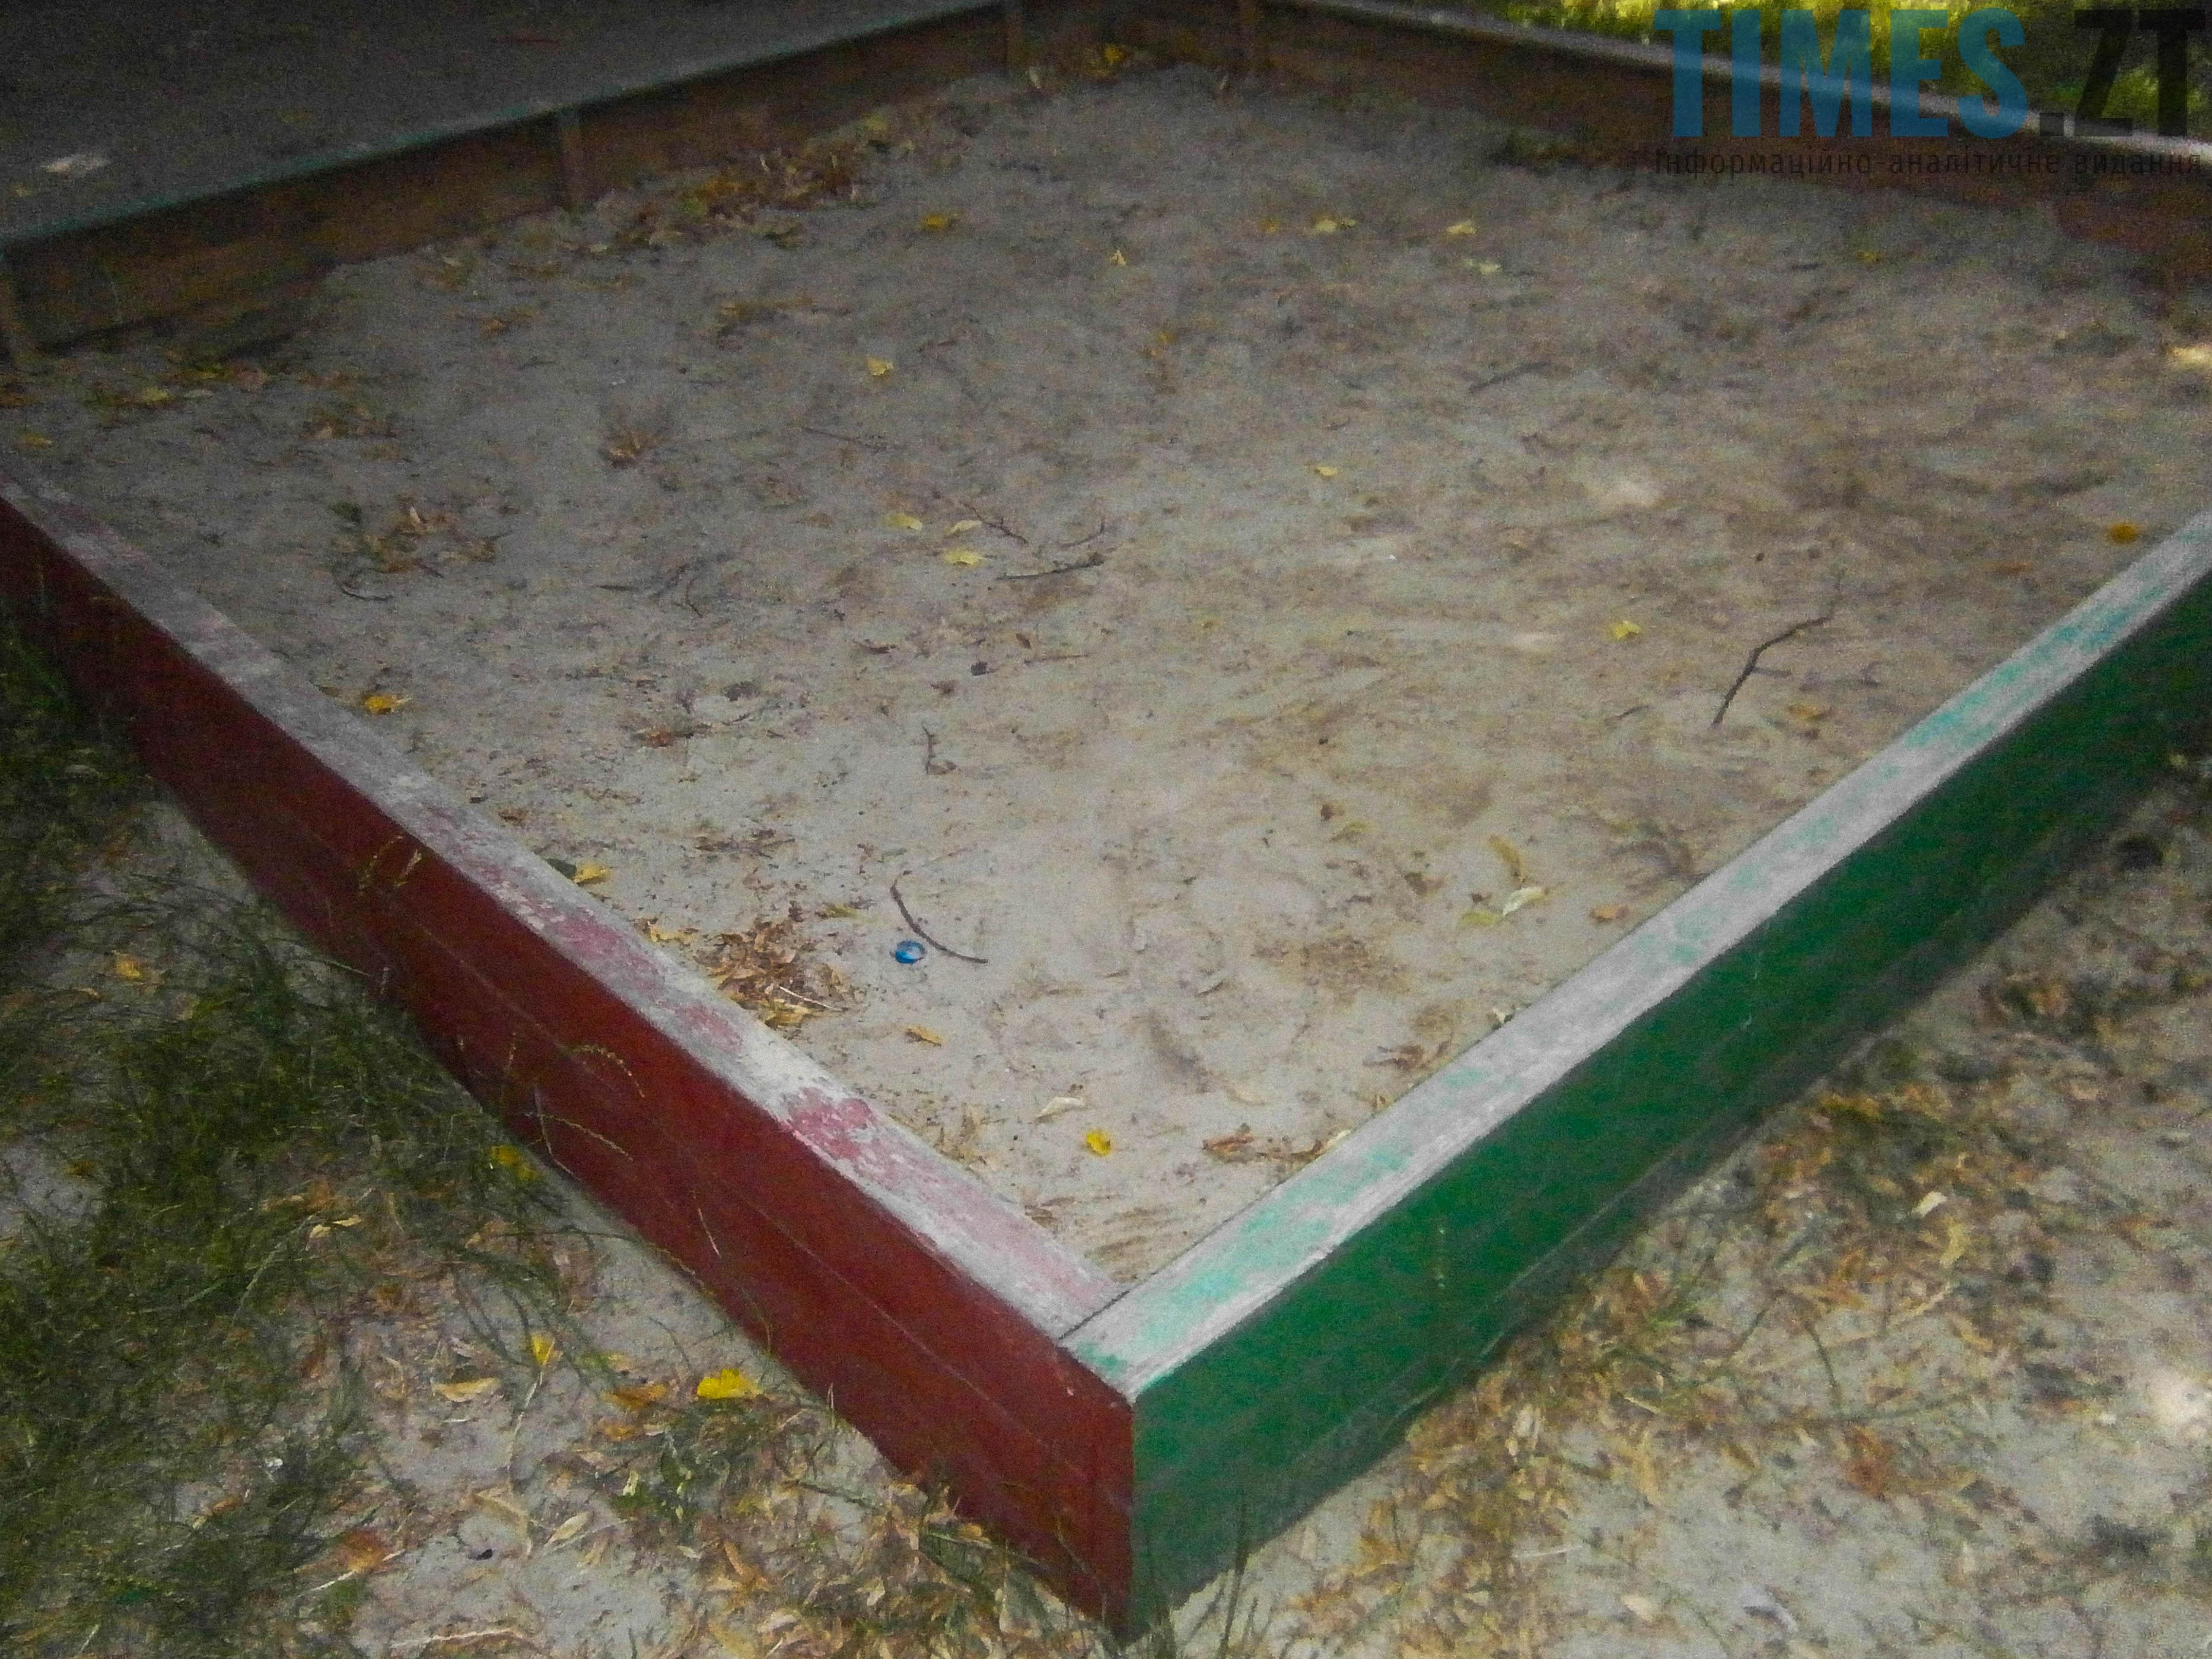 P7161641 - (Благо)устрій  житомирських дитячих майданчиків